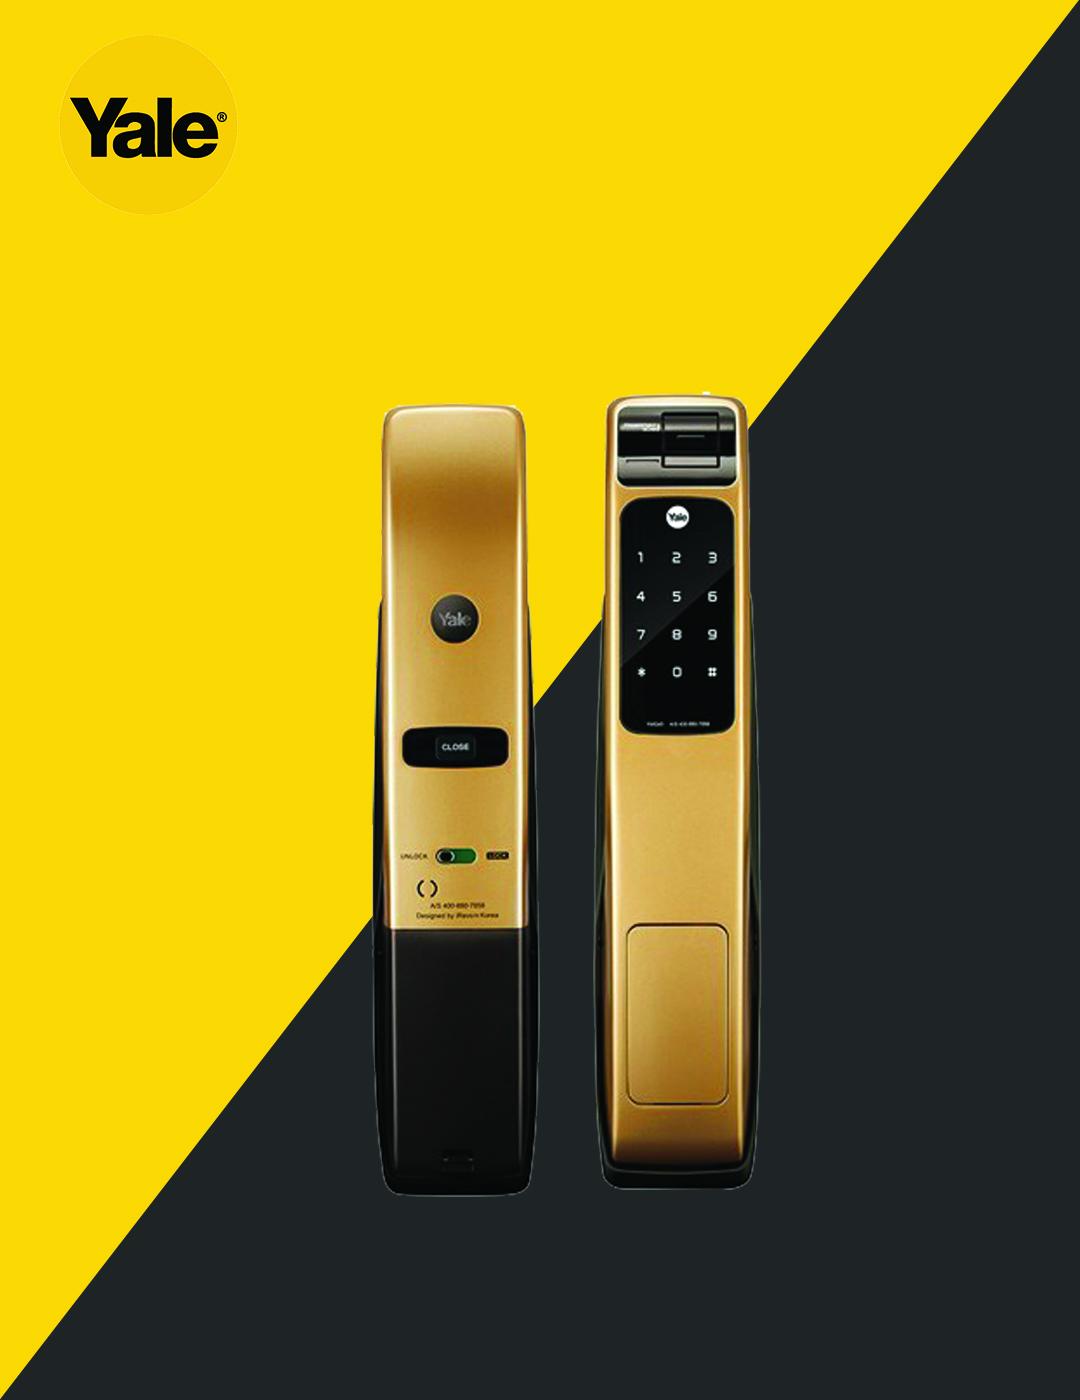 قفل دیجیتال یال مدل YMG40